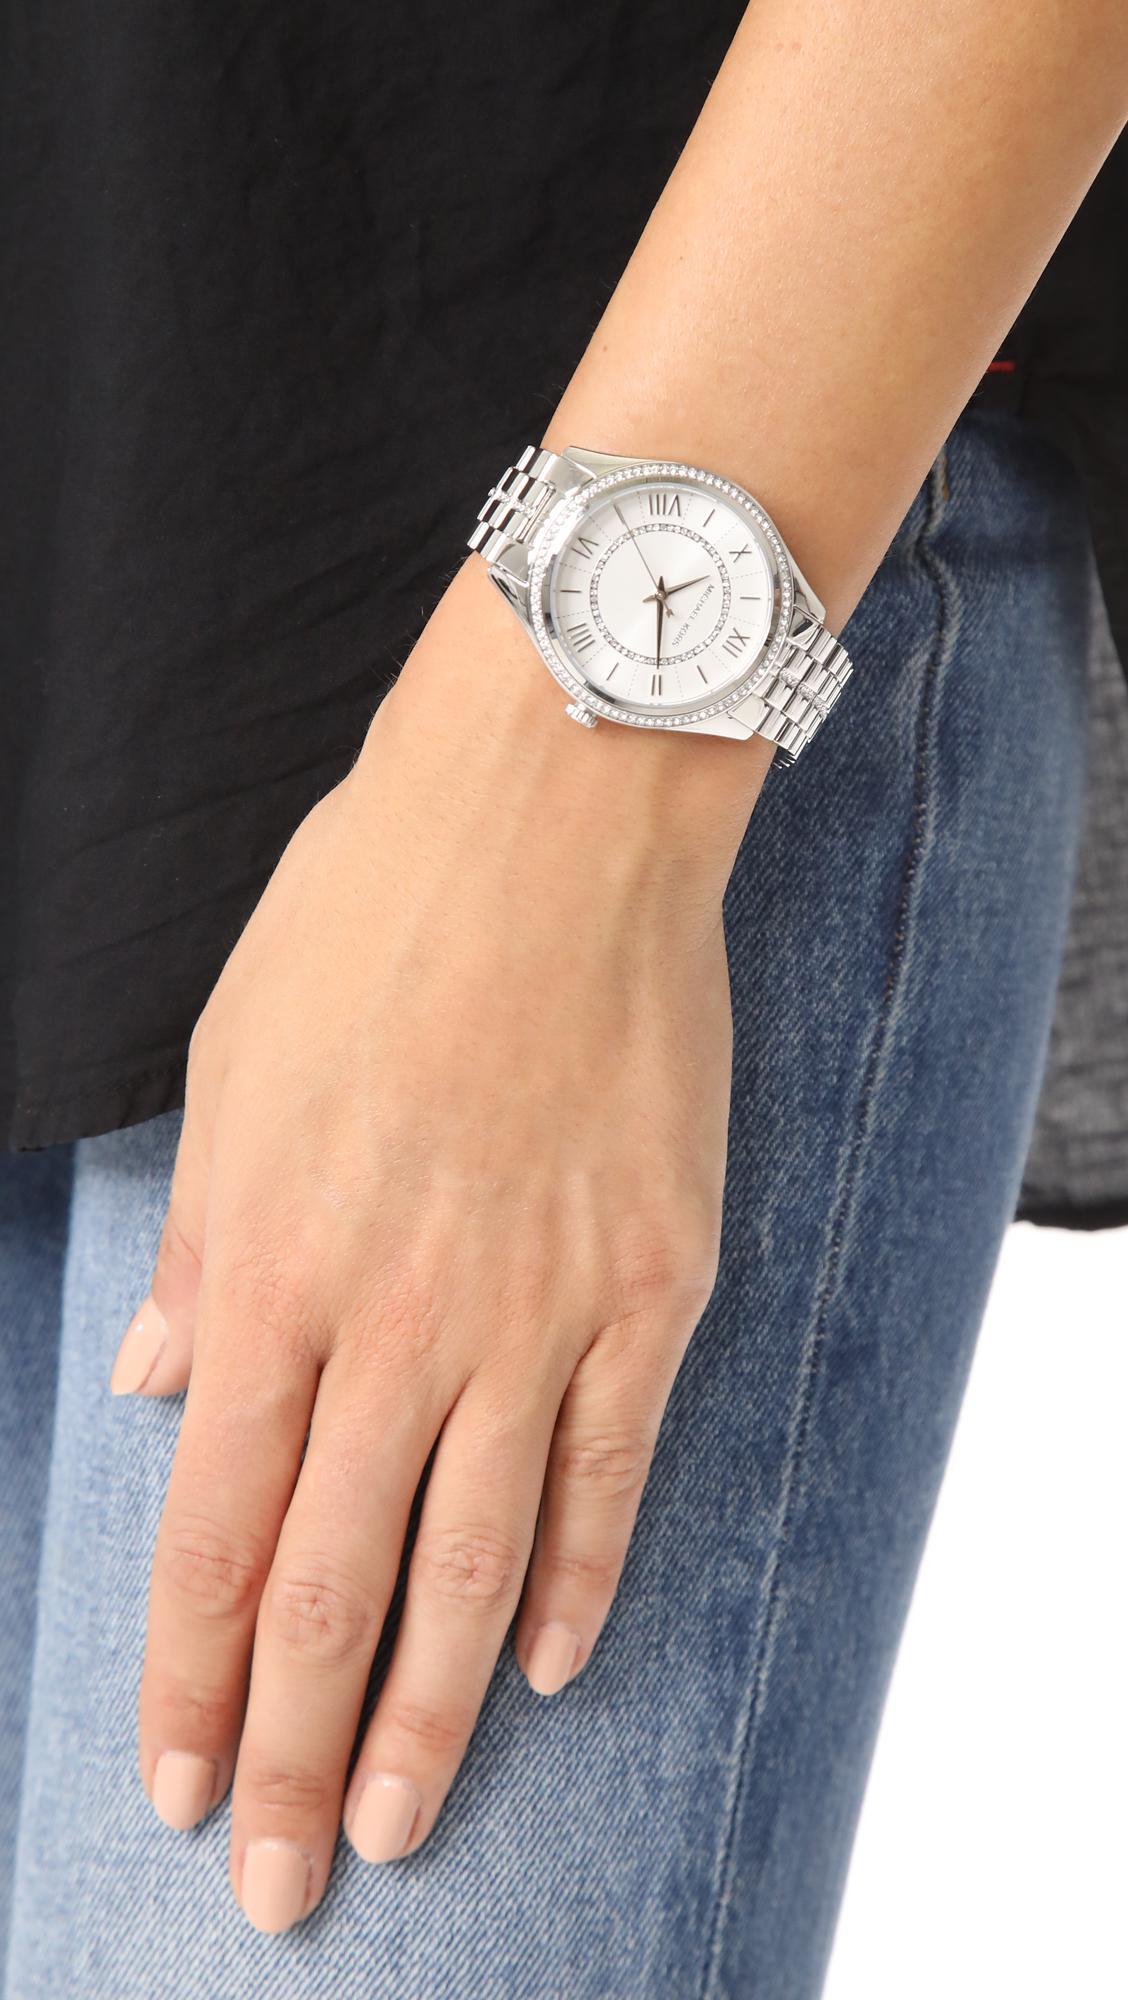 f88e056d82c6 Lyst - Michael Kors Lauryn Watch in Metallic